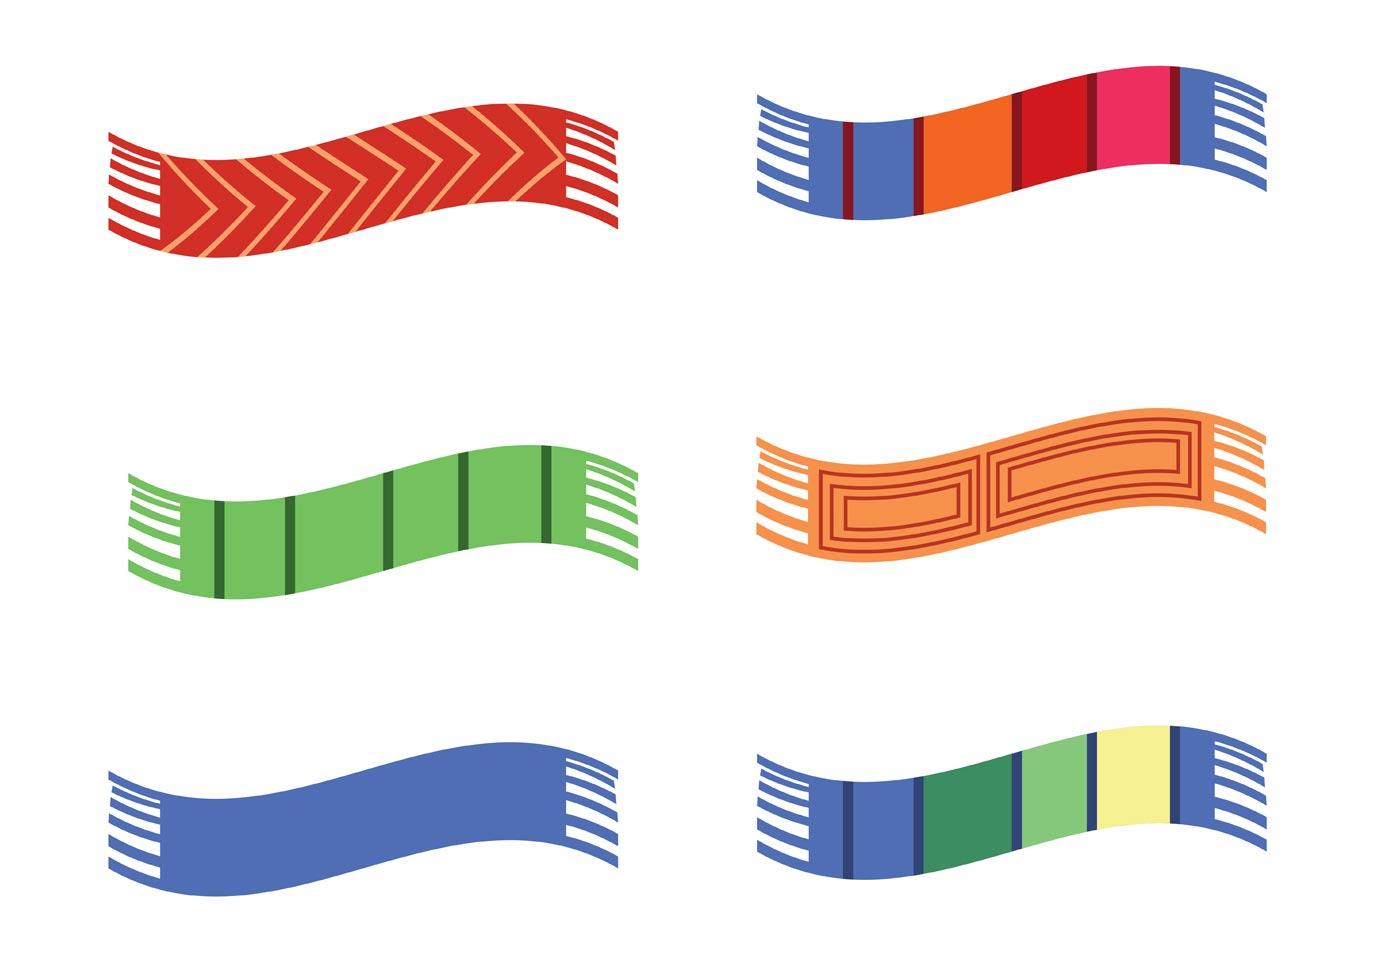 картинка шарфики разной длины разрозненности группировок